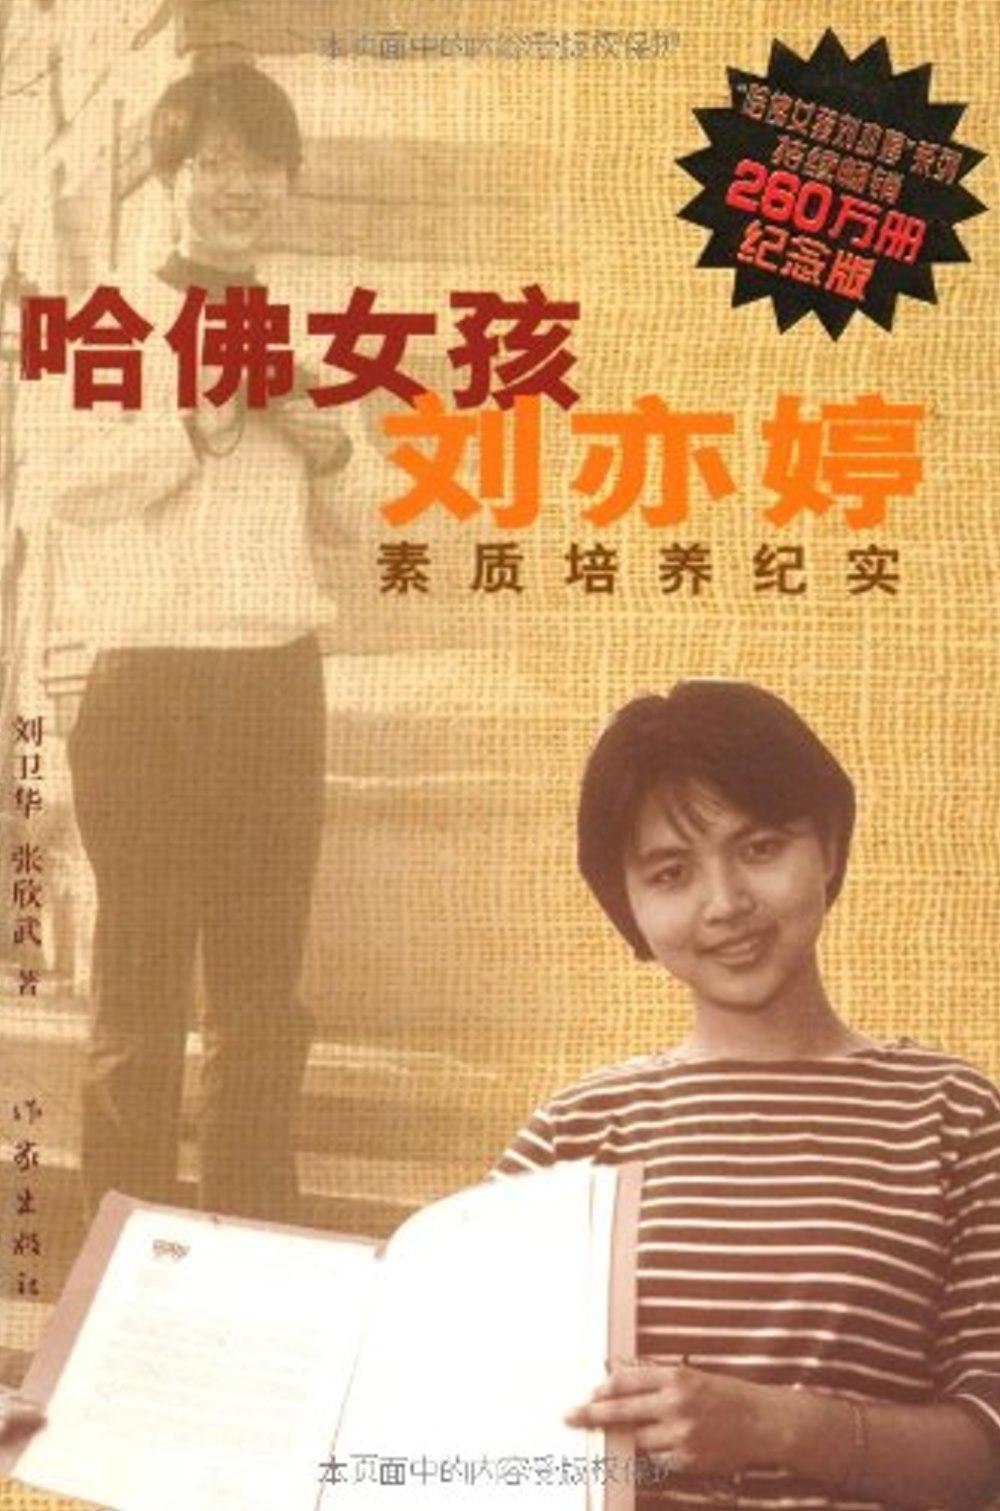 哈佛女孩劉亦婷:素質培養紀實 版